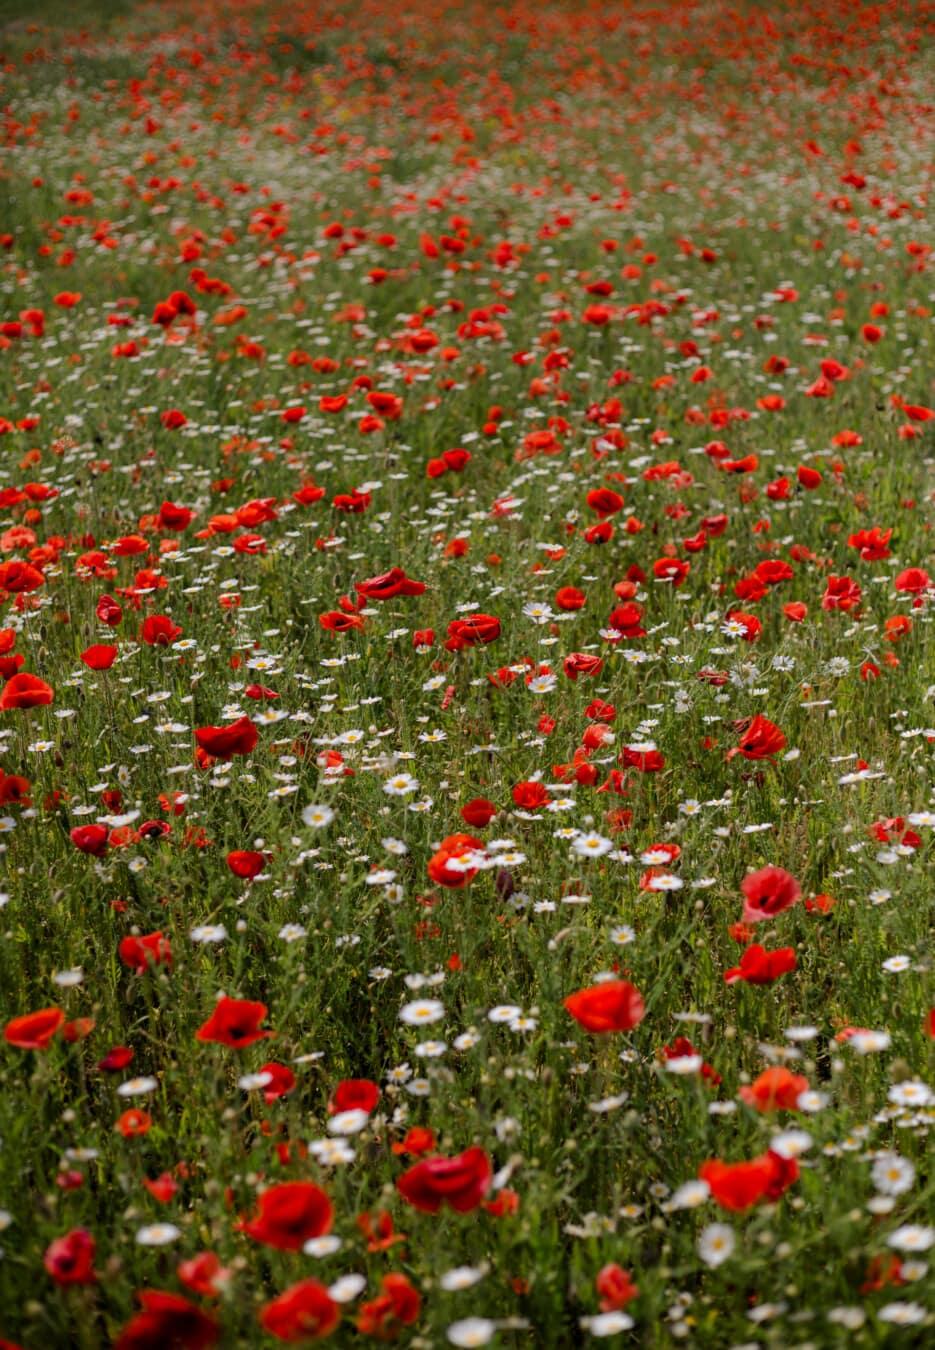 Blumen, rötlich, Mohn, Feld, grasbewachsenen, Wildblumen, Gras, Anlage, Sommer, des ländlichen Raums